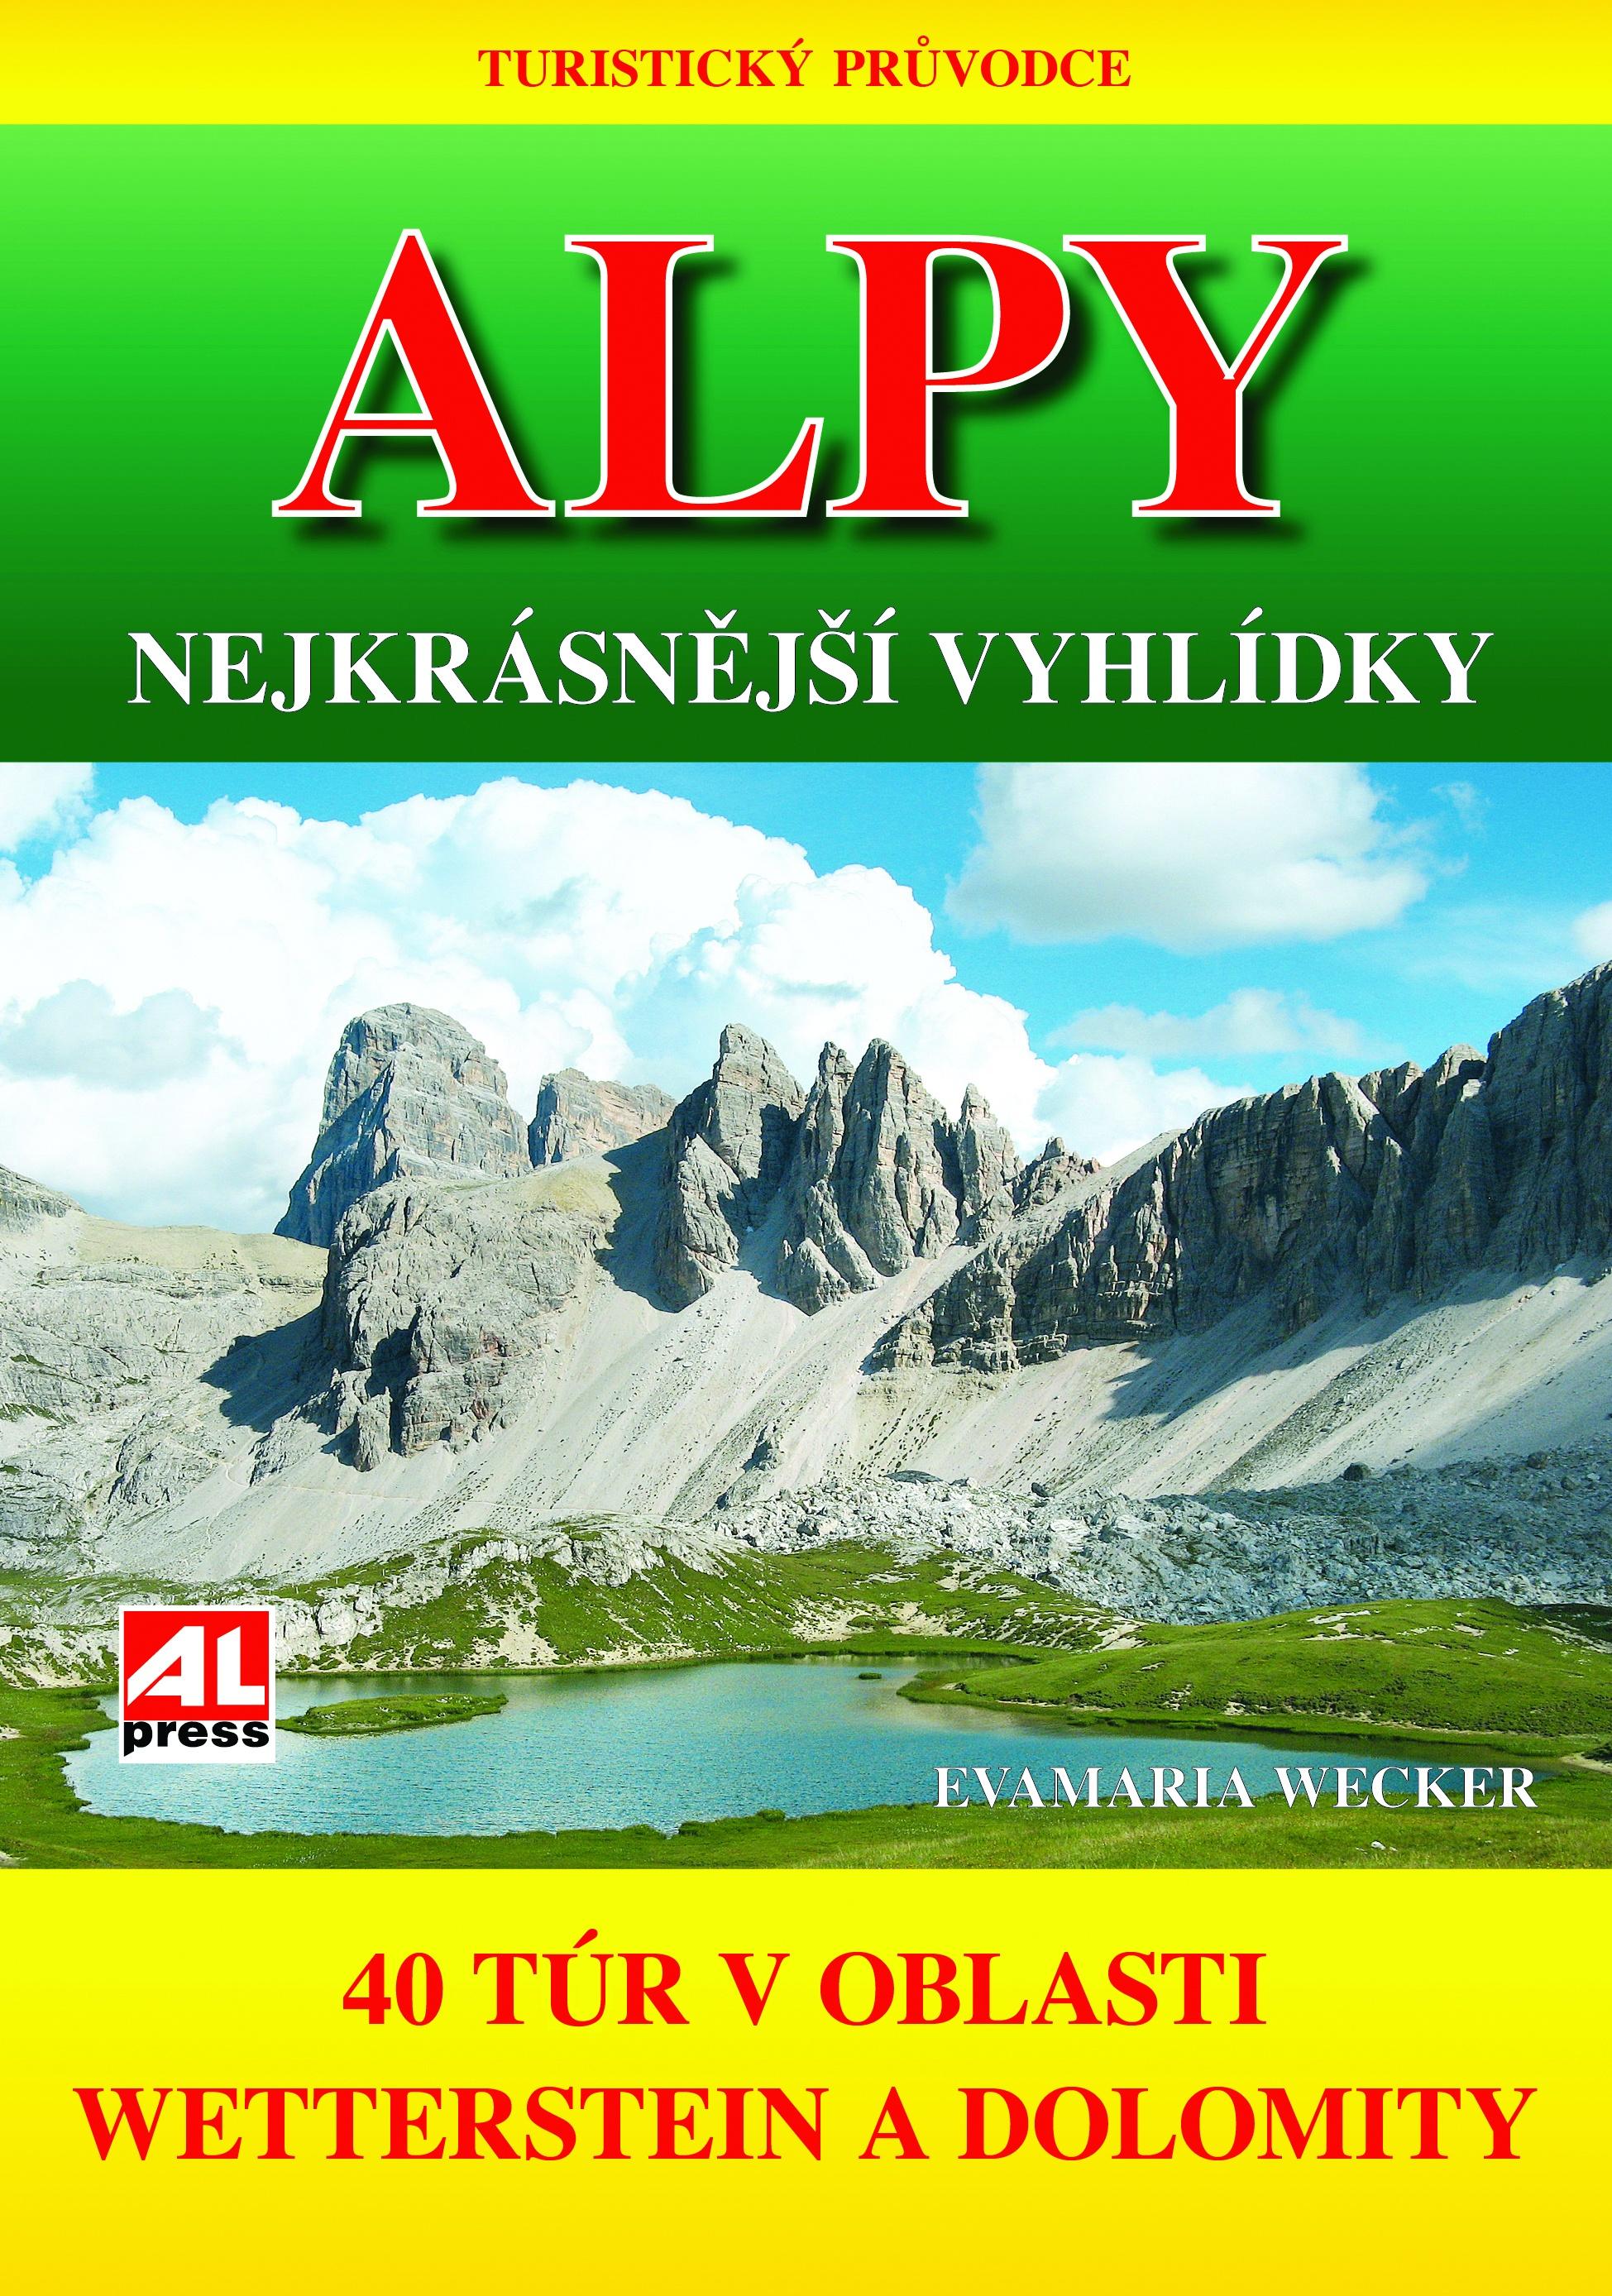 ALPY - NEJKRÁSNĚJŠÍ VYHLÍDKY